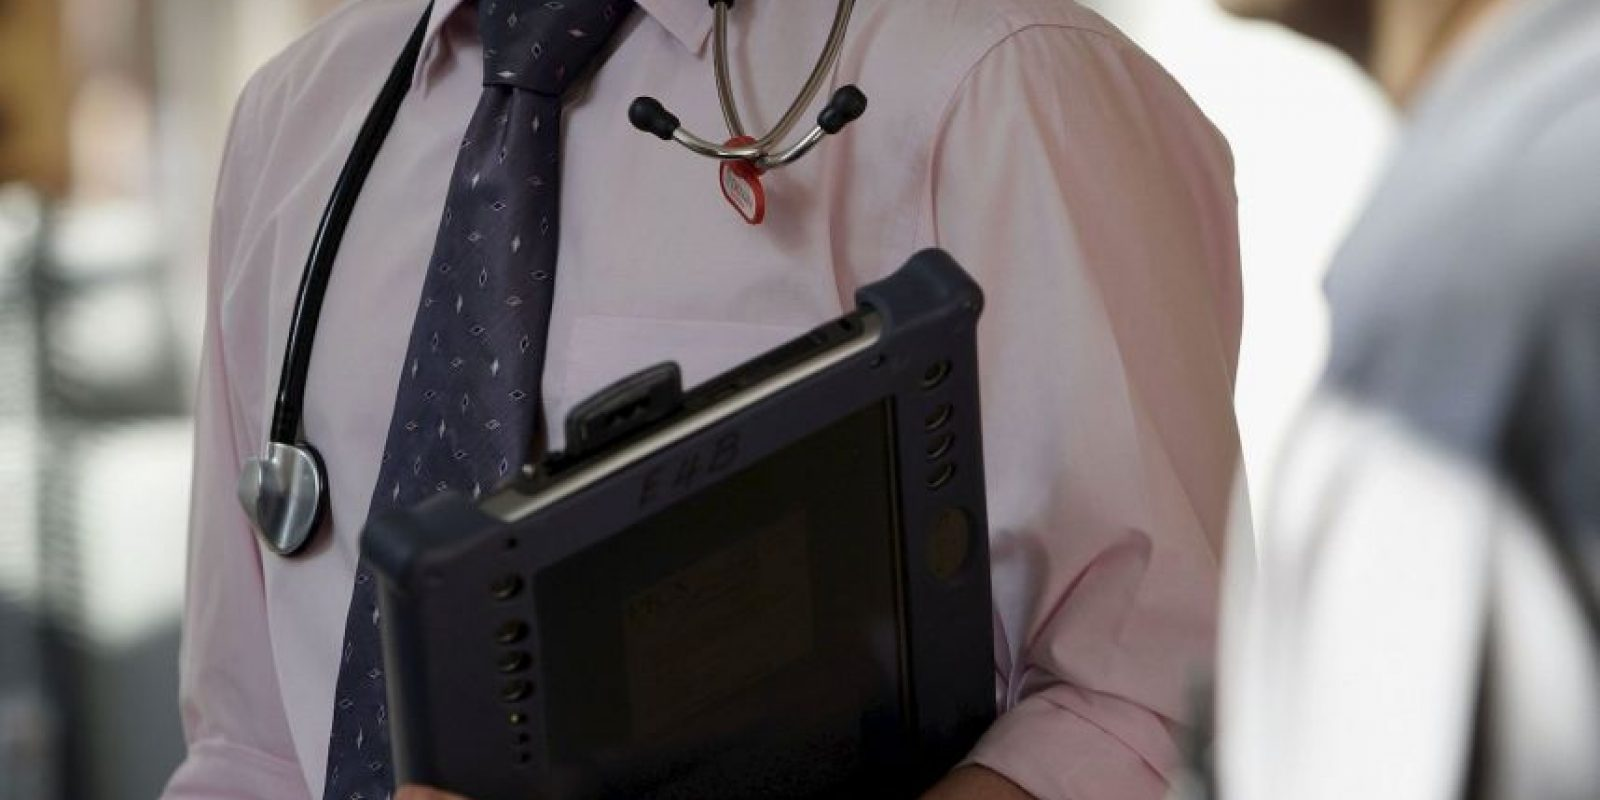 El ginecólogo ayudará a determinar si los cólicos que sienten son normales a su cuerpo o si hay manera de aliviarlos Foto:Getty Images